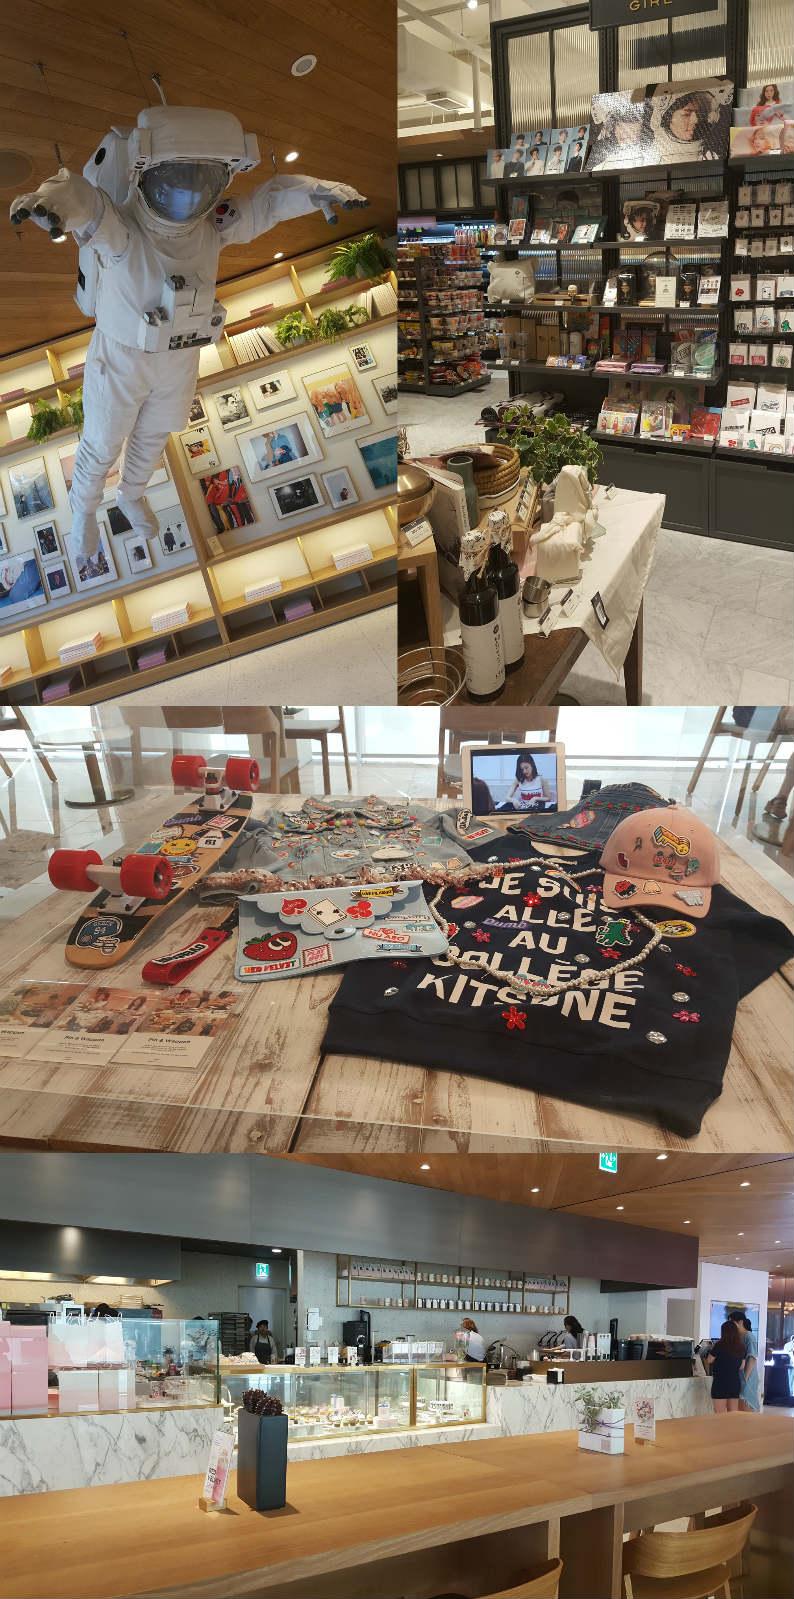 Du lịch tự túc Hàn Quốc: Lịch trình du lịch Seoul dành cho fan Kpop